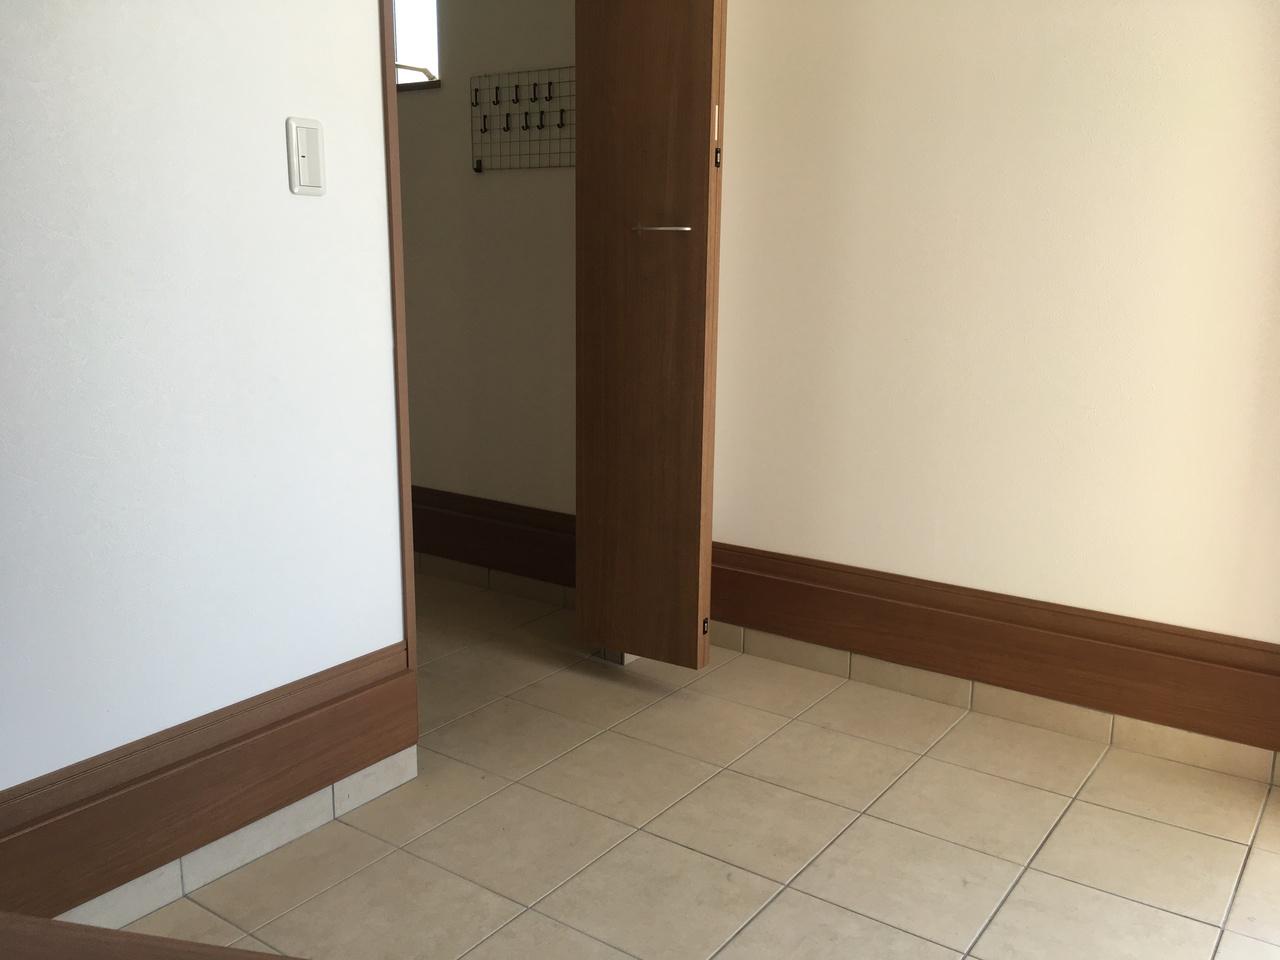 玄関スペースです。かなり広く使えます。シューズインクローゼットからも室内に上がれます。 使いやすさUPです。